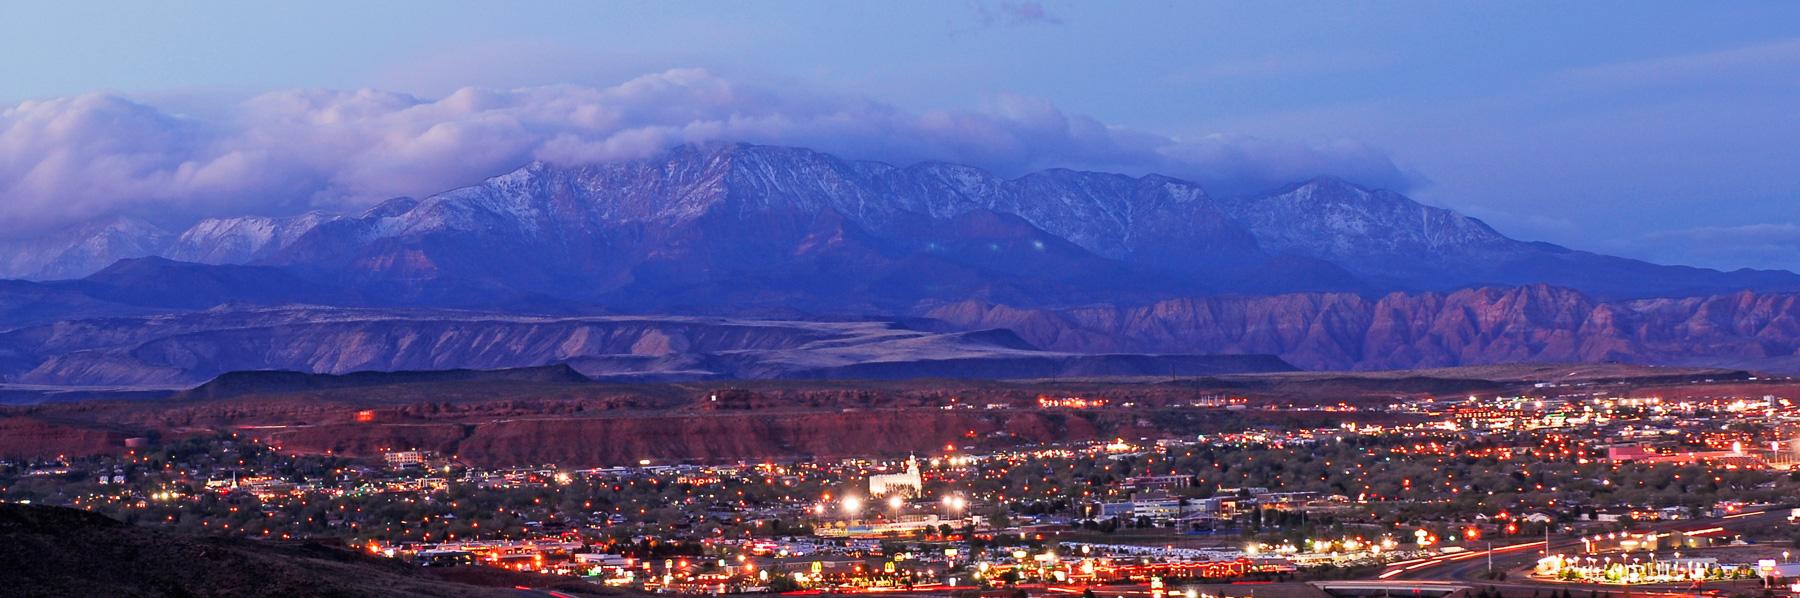 St. George Appraisal Southern Utah